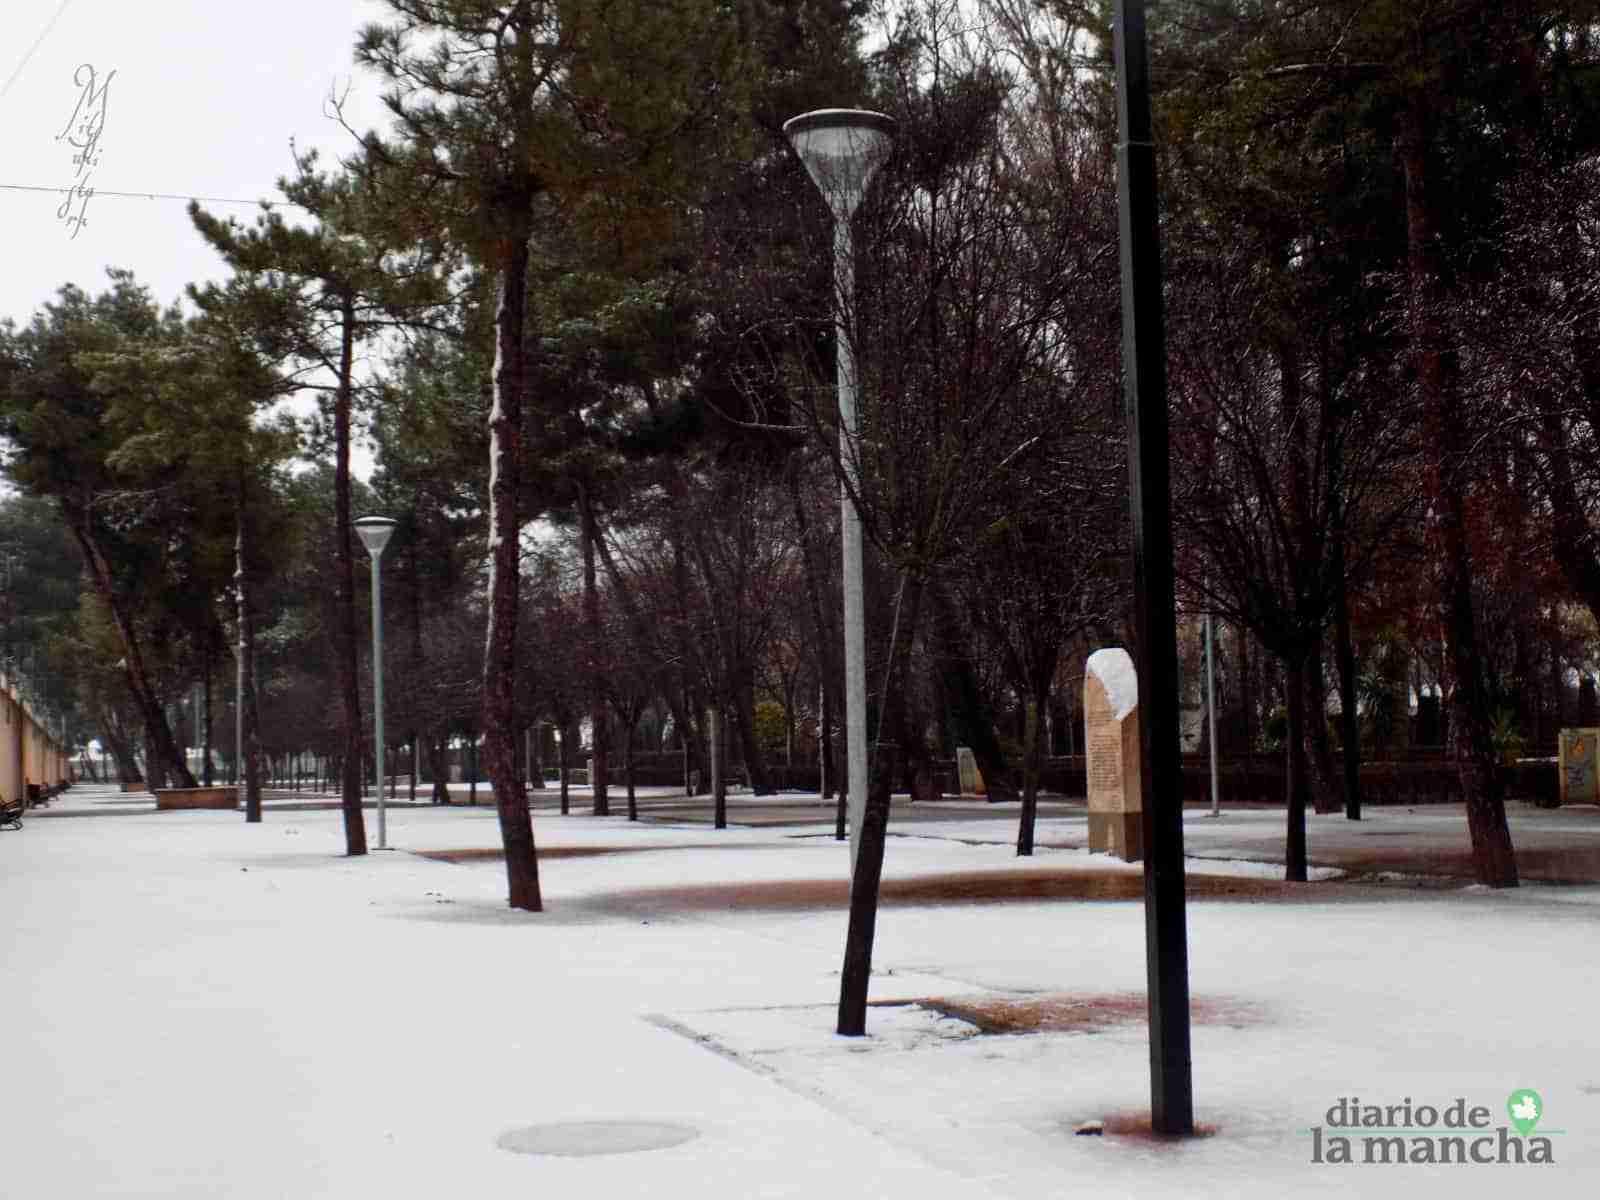 Fotografías de la primera nevada de 2021 en Tomelloso 31